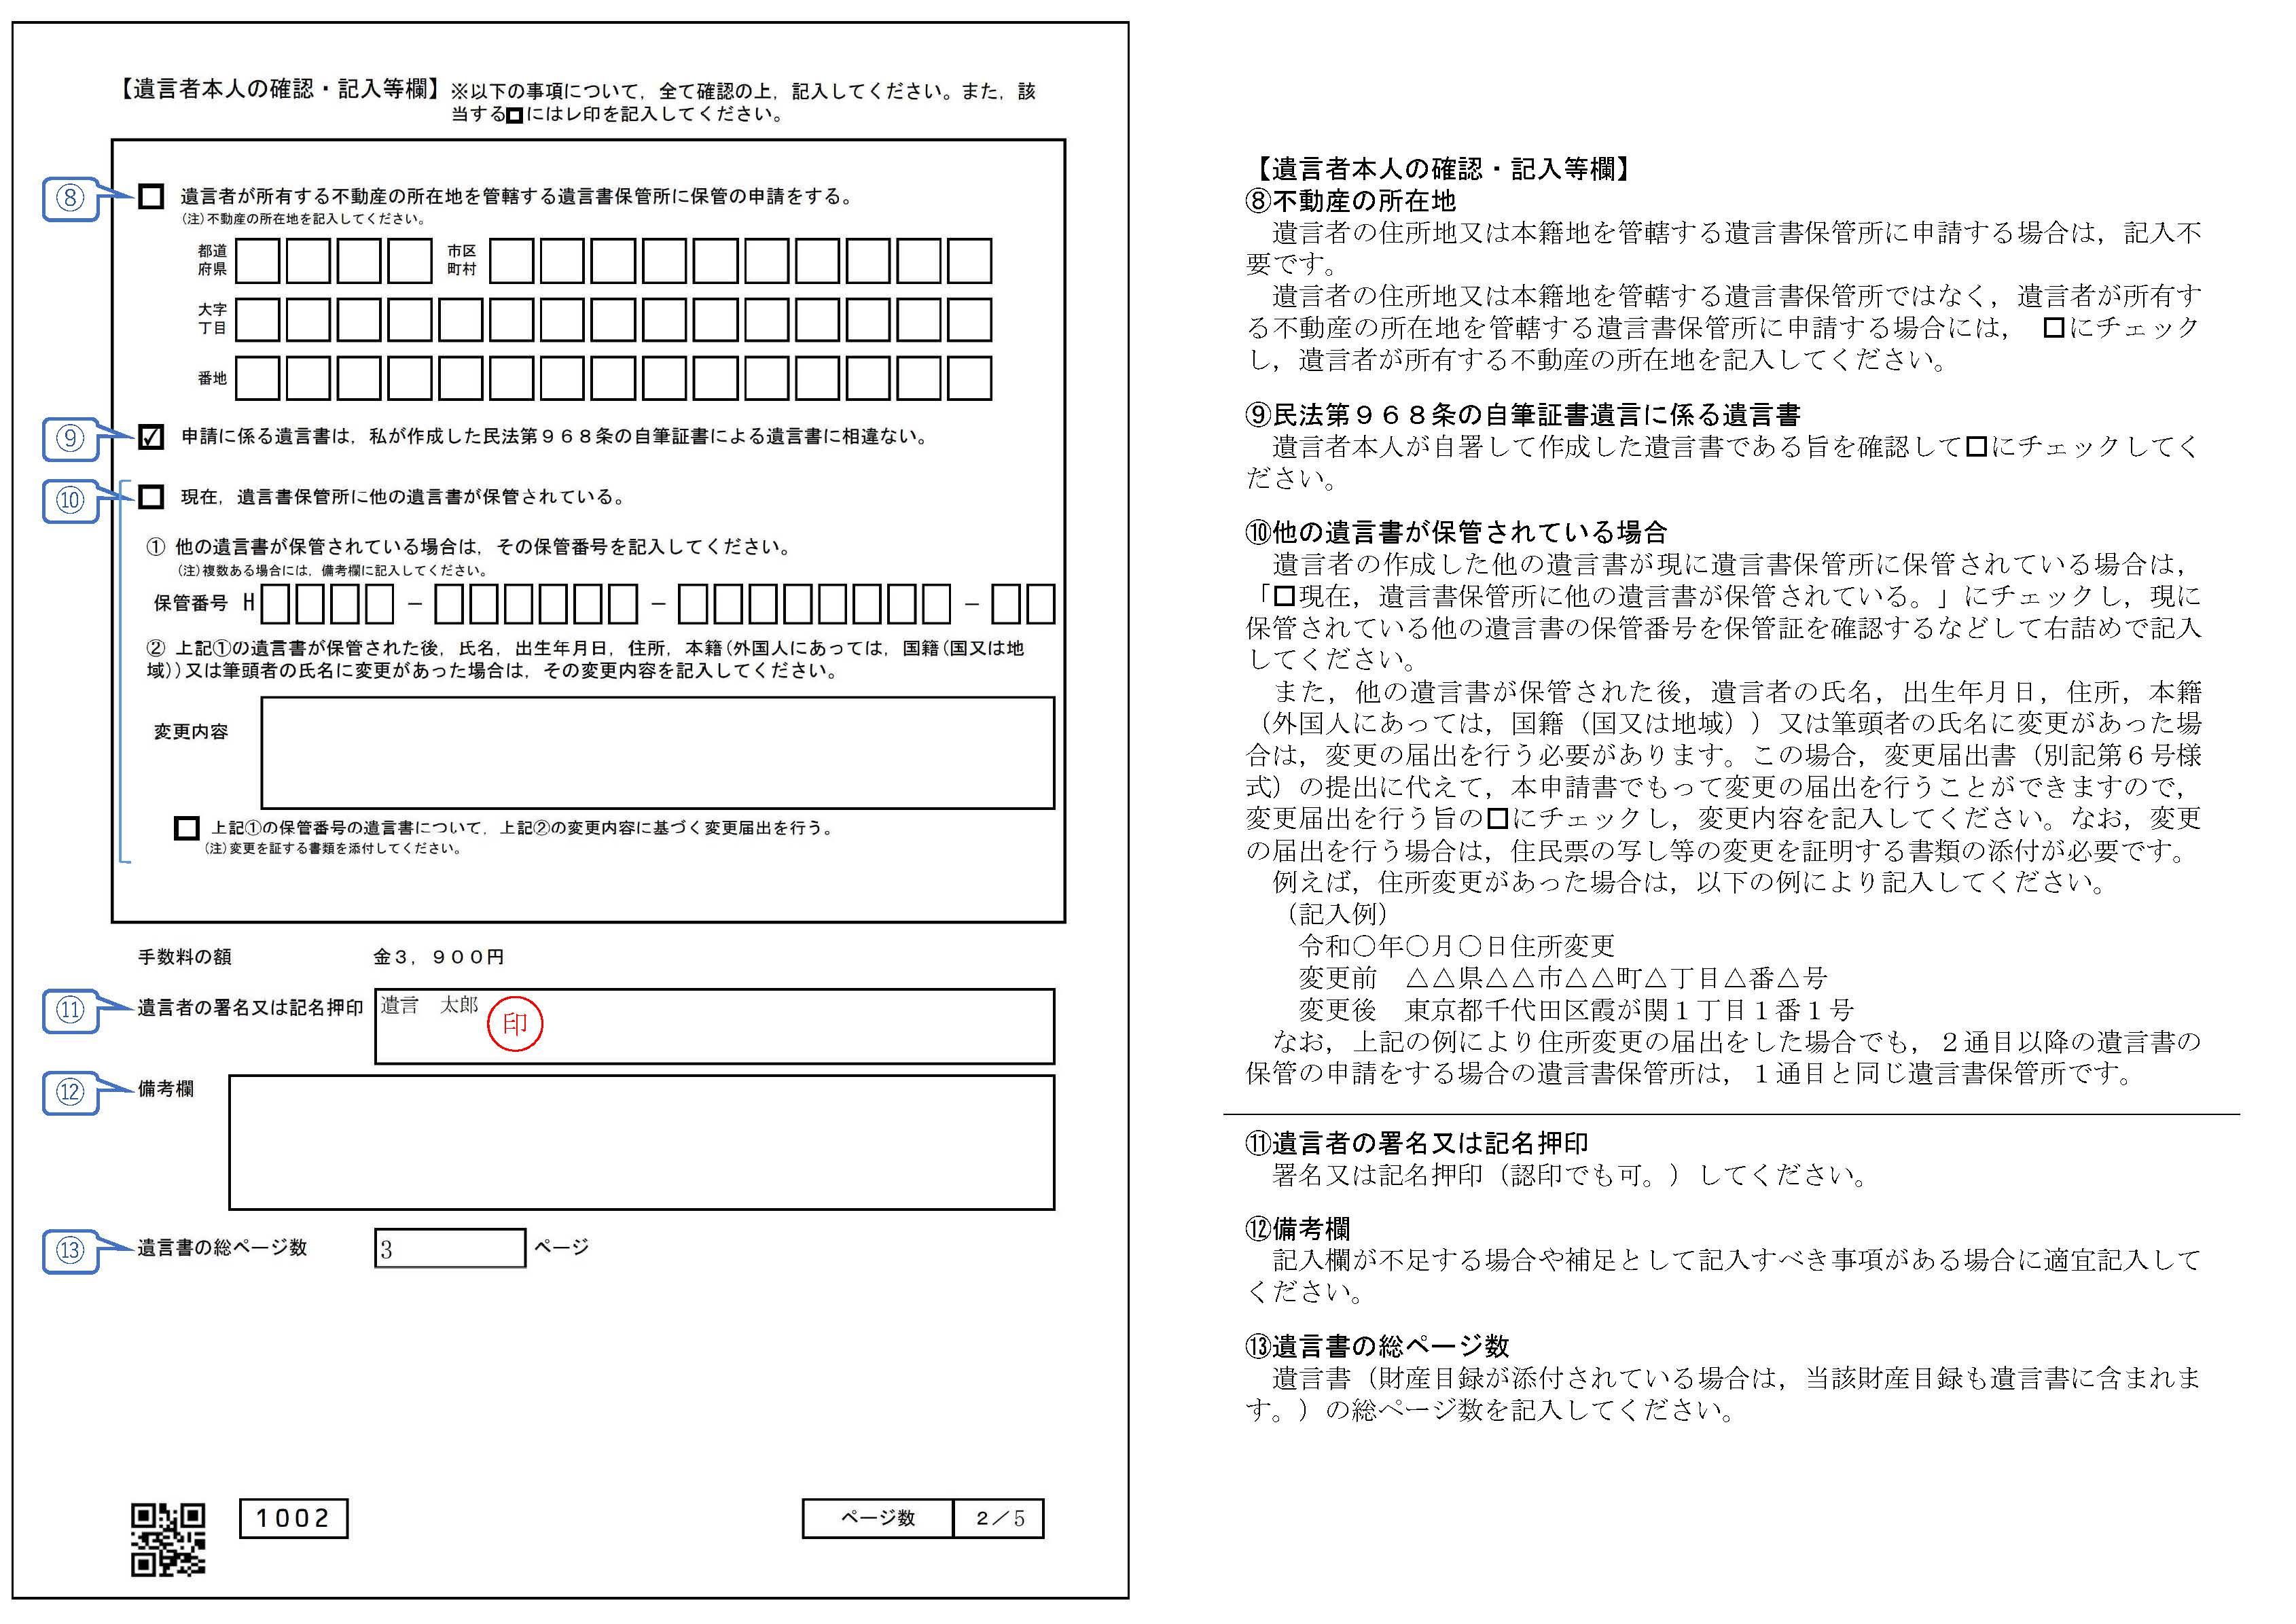 申請書-2-2001321953_ページ_2